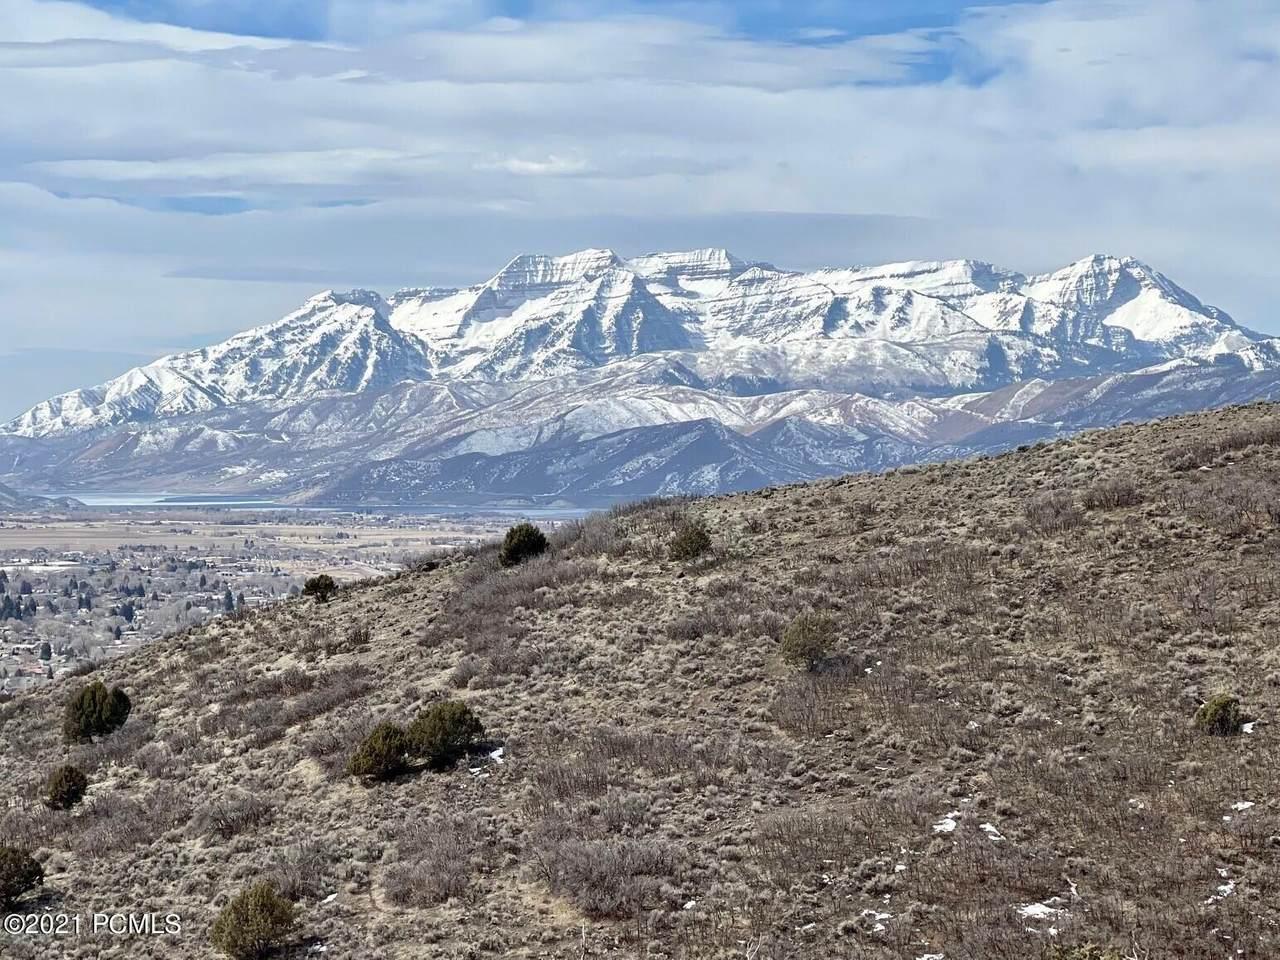 2208 La Sal Peak Drive (Lot 512) - Photo 1